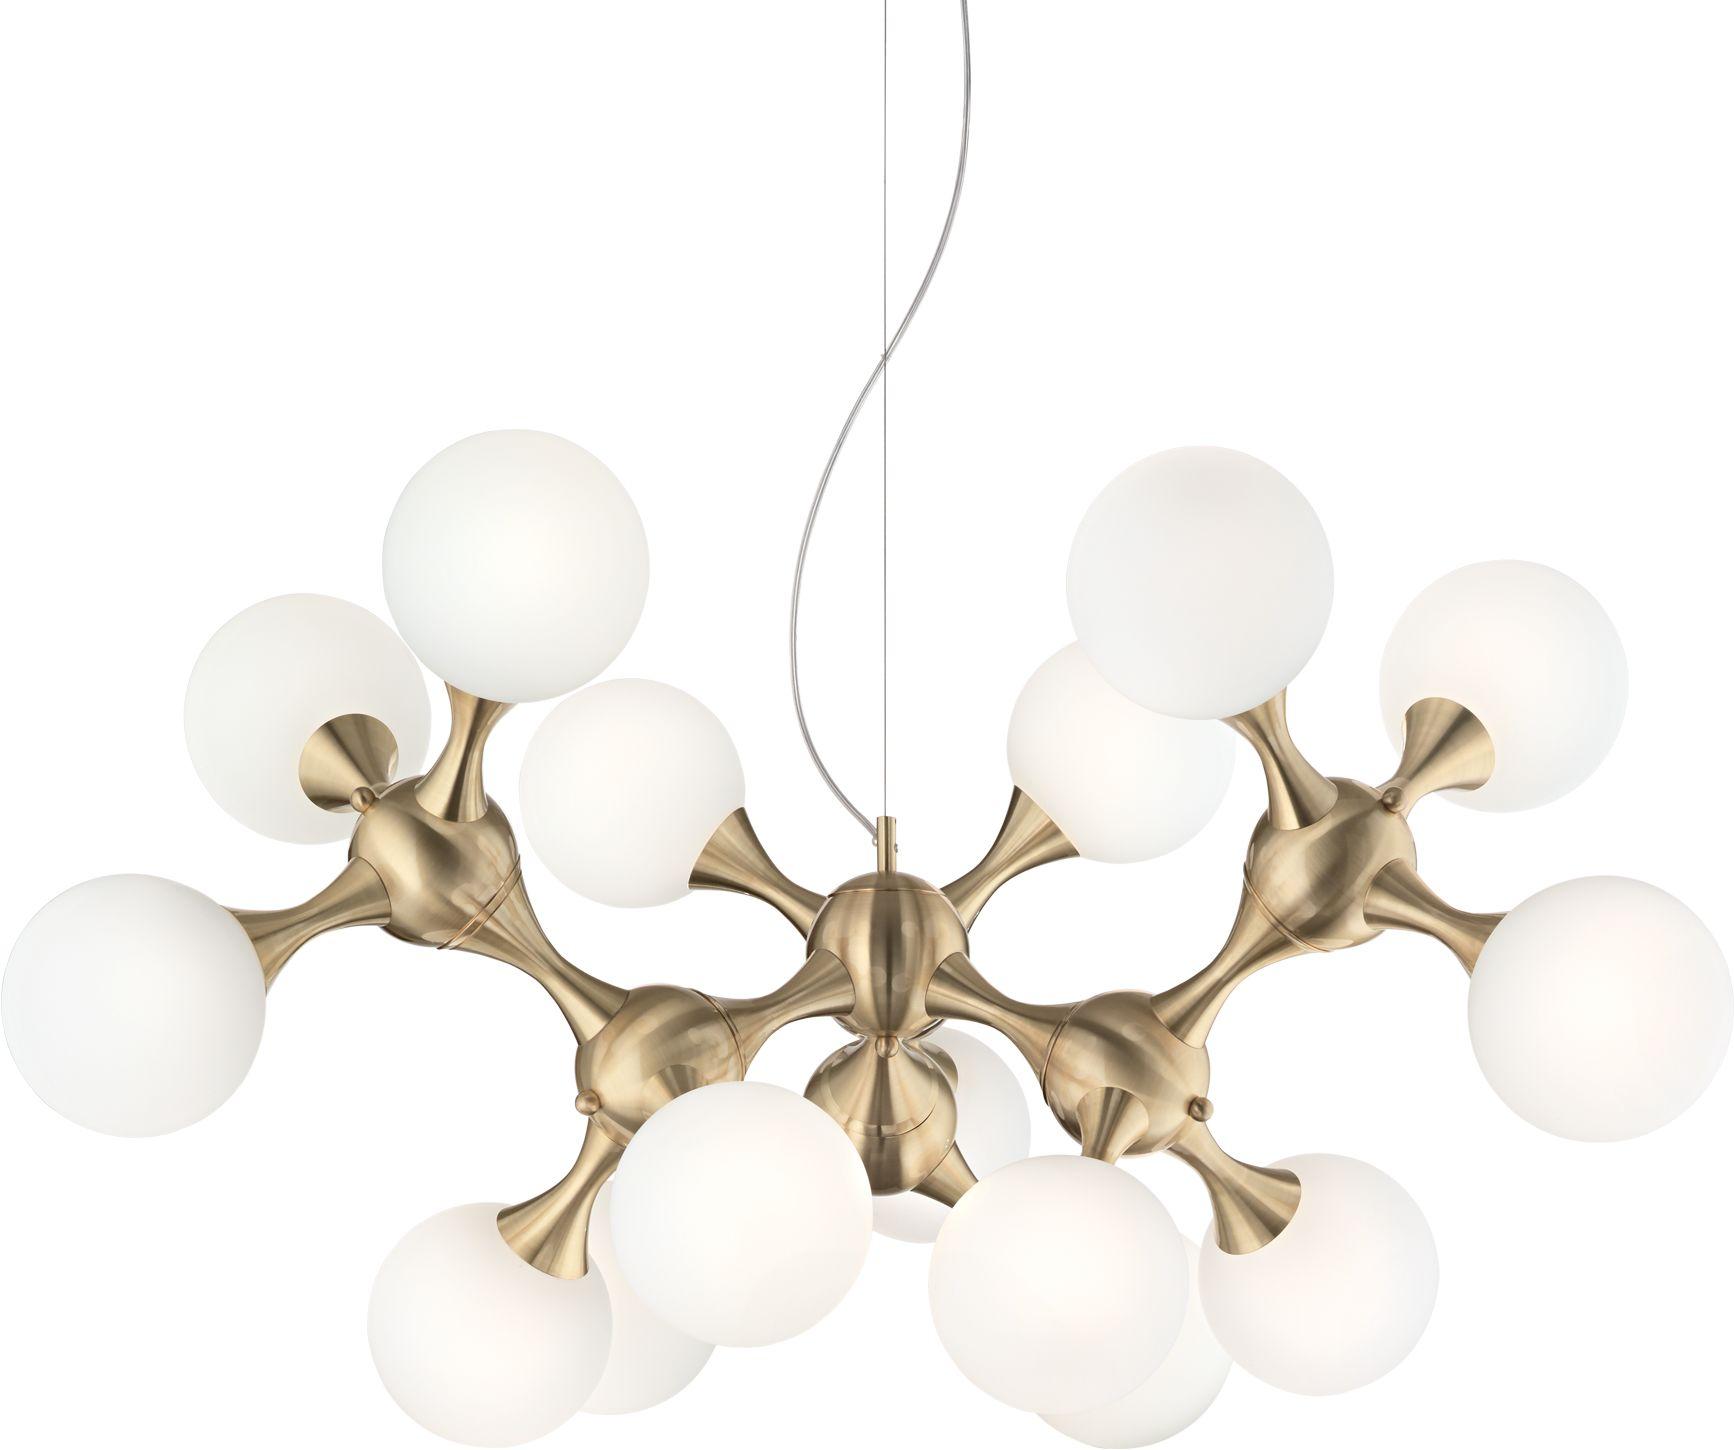 Lampa wisząca Nodi SP15 241012 Ideal Lux mosiężna lampa wisząca w stylu glamour